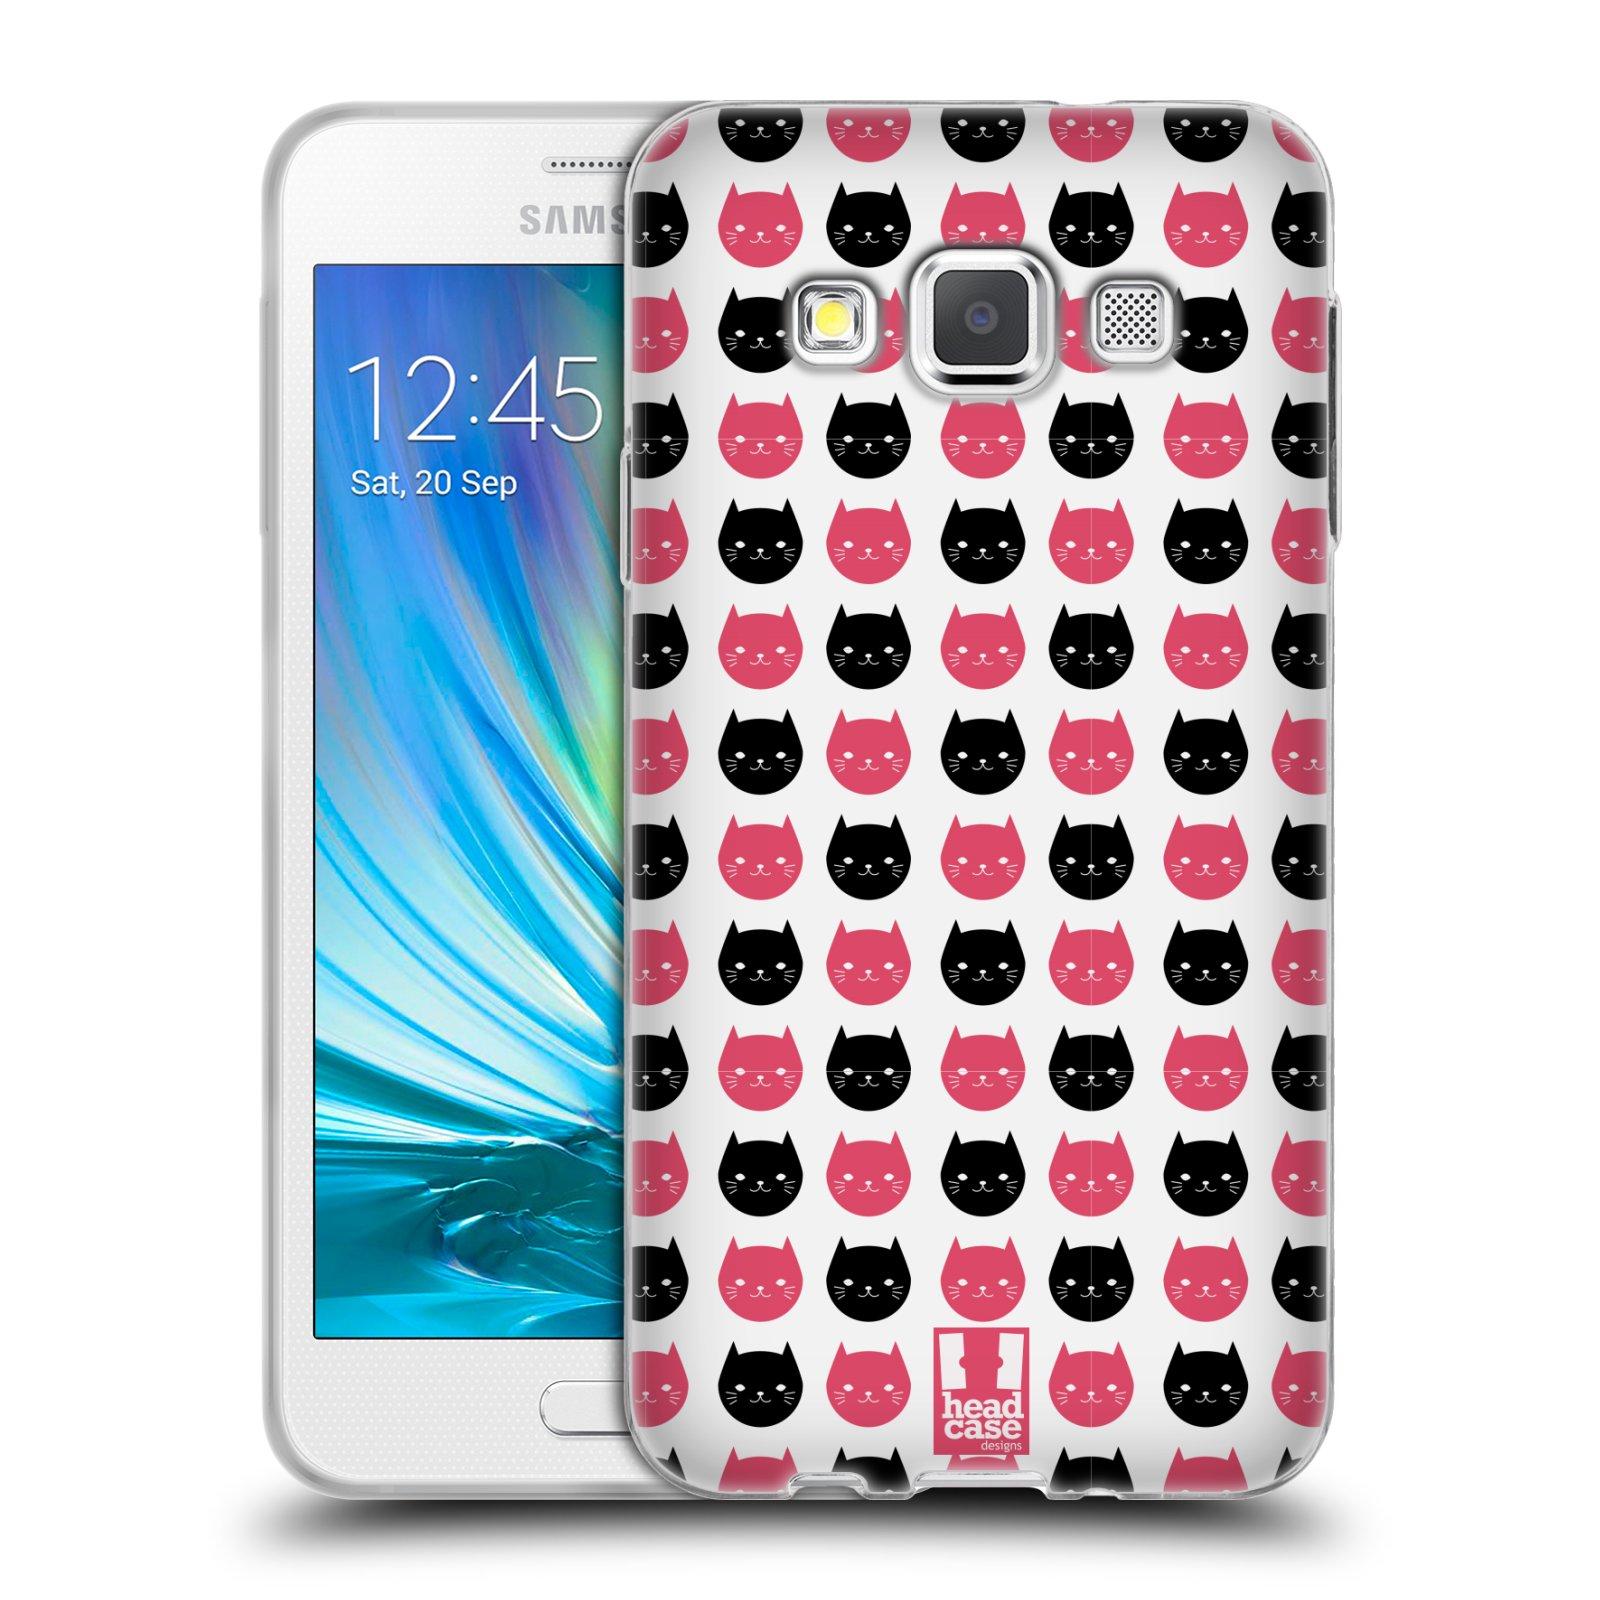 Silikonové pouzdro na mobil Samsung Galaxy A3 HEAD CASE KOČKY Black and Pink